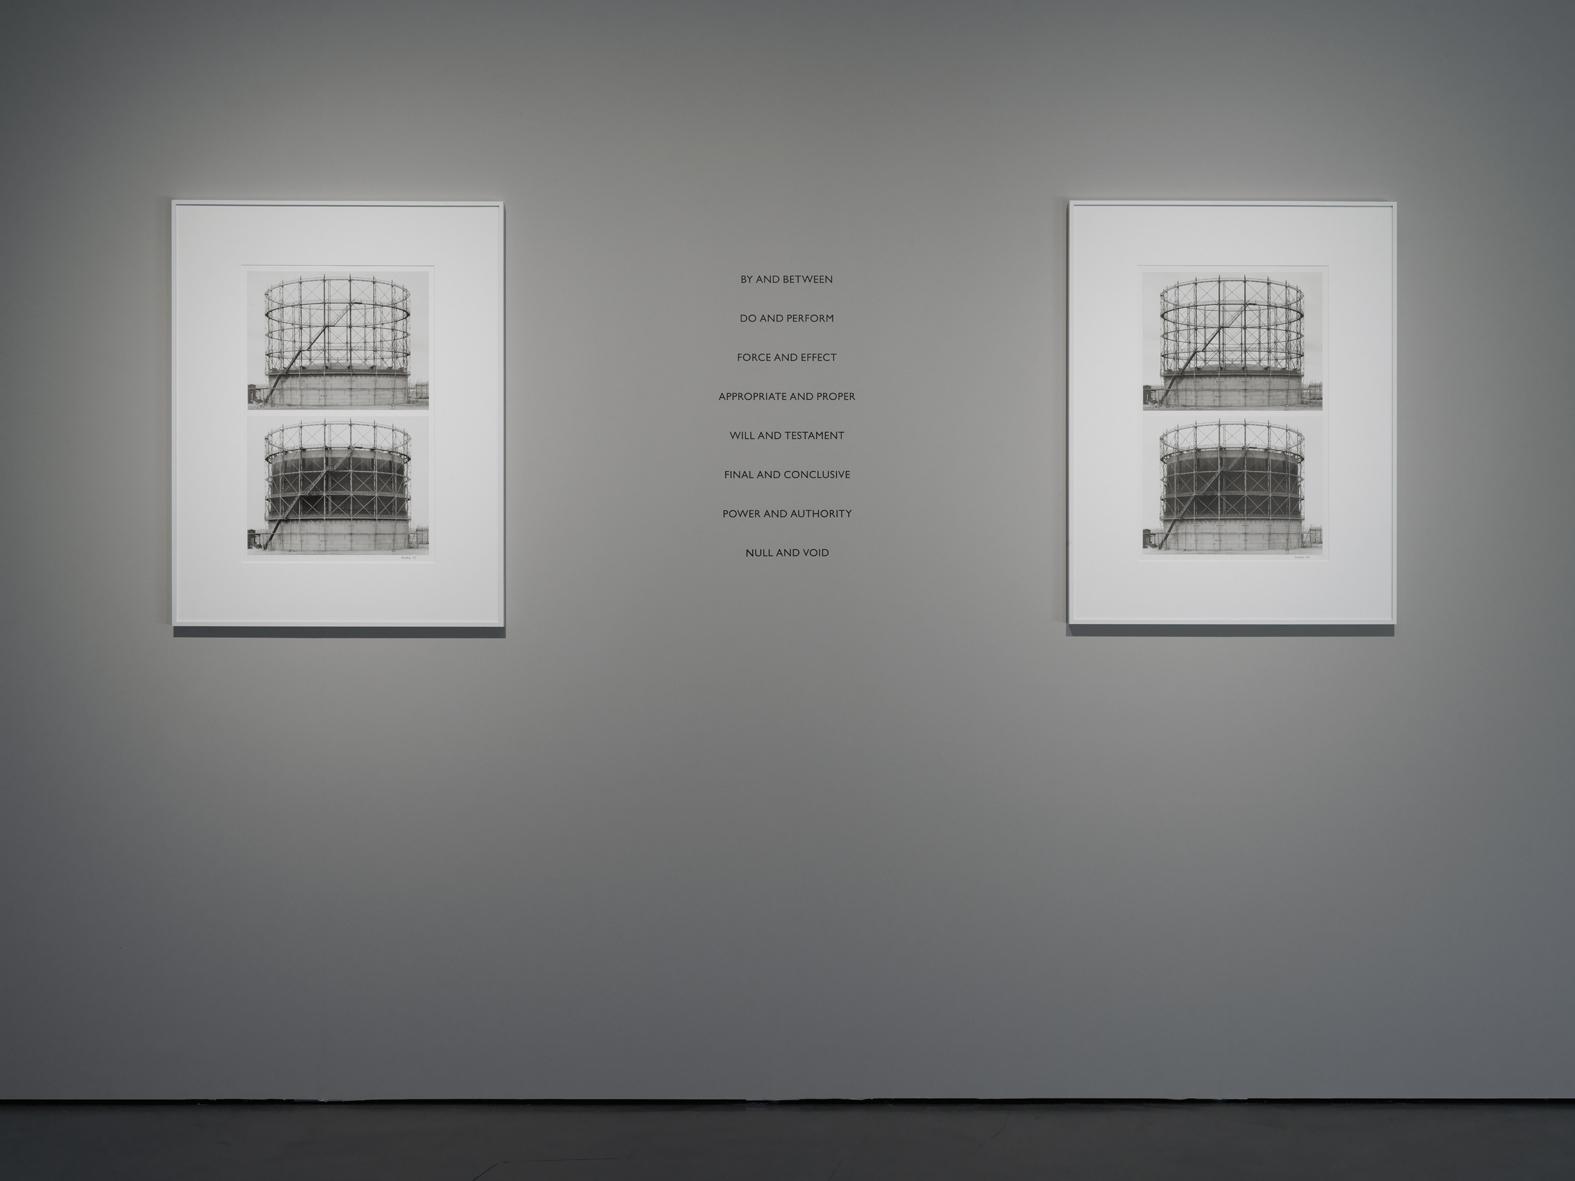 Installation view at Migros Museum, Zurich